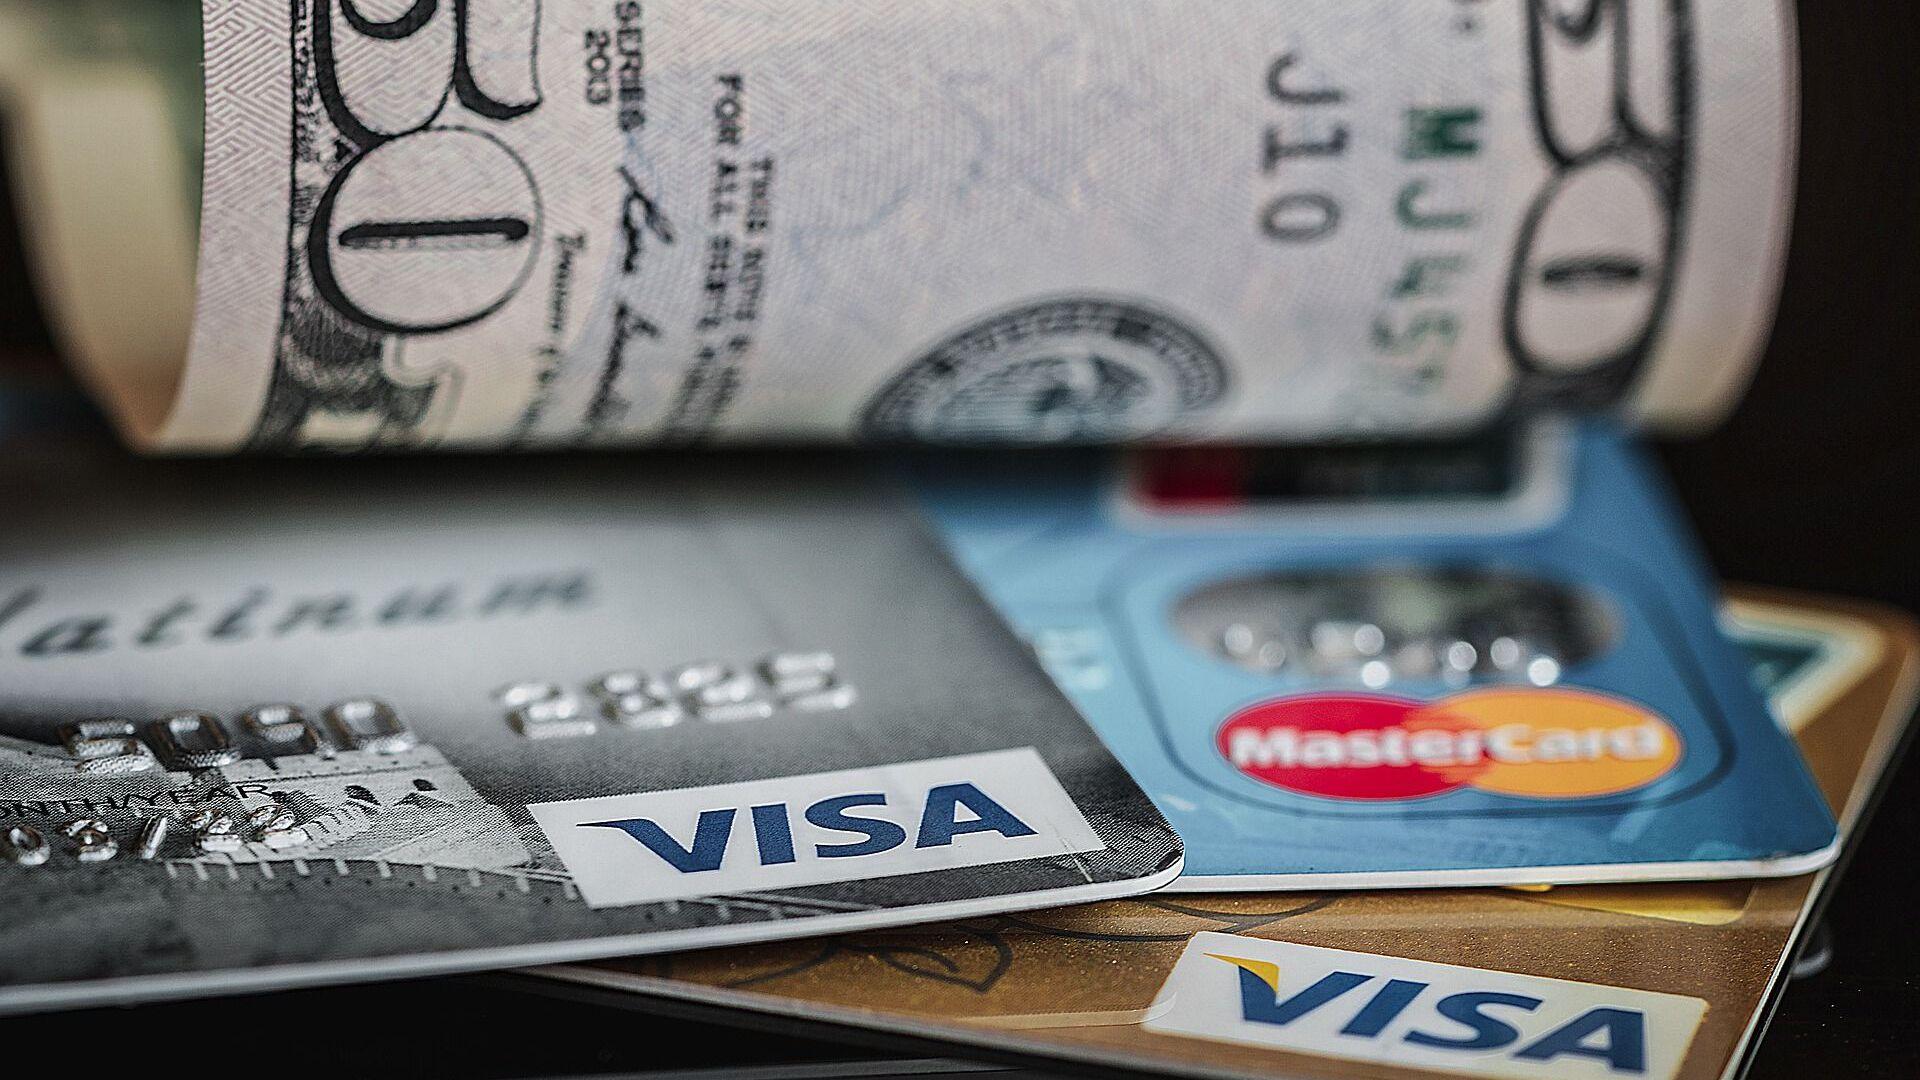 Unas tarjetas de crédito y unos dólares - Sputnik Mundo, 1920, 28.04.2021